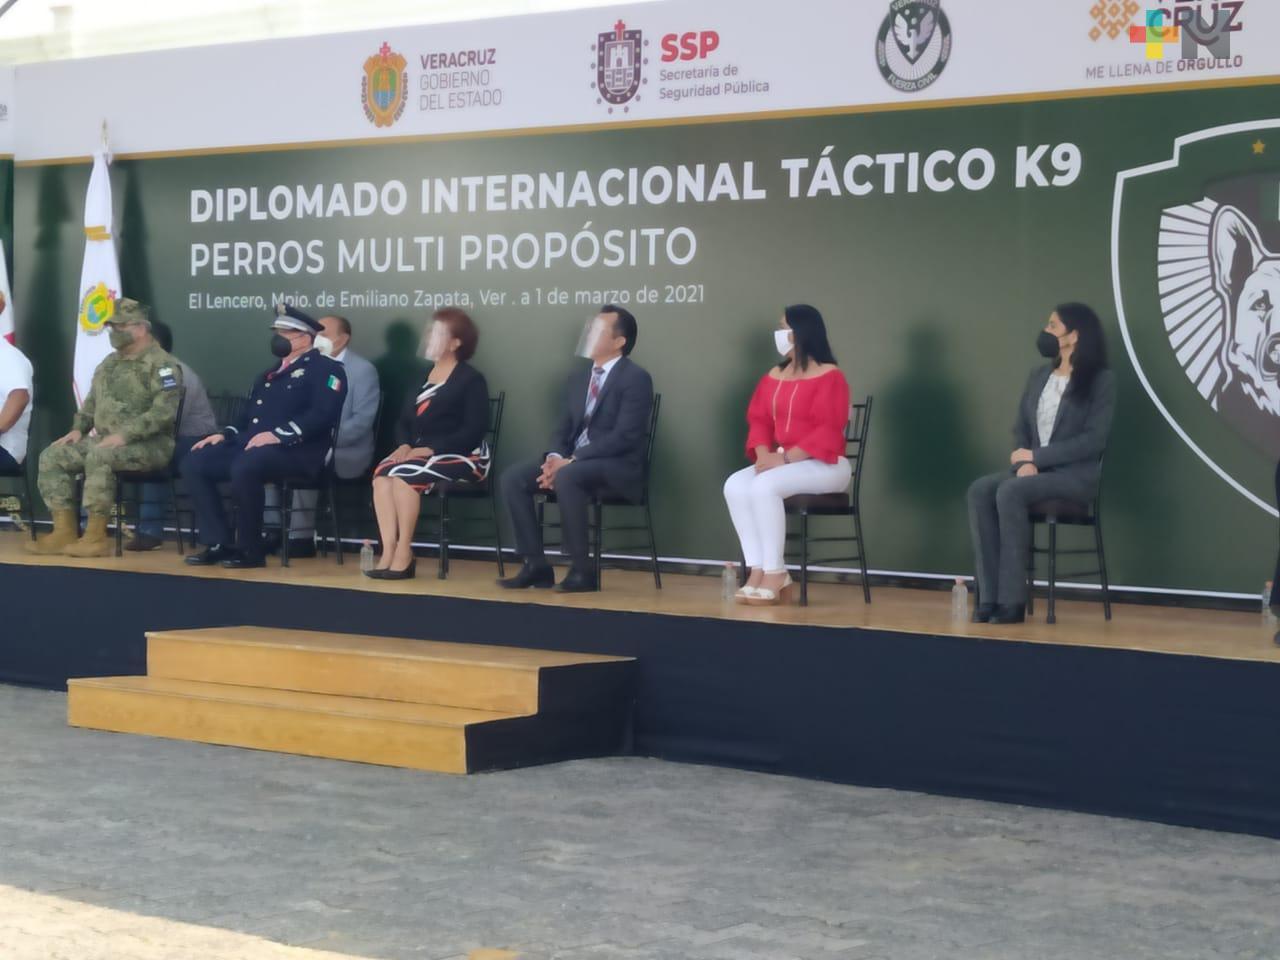 Inició Primer Diplomado Internacional Táctico K9 Perros Multipropósito en Veracruz